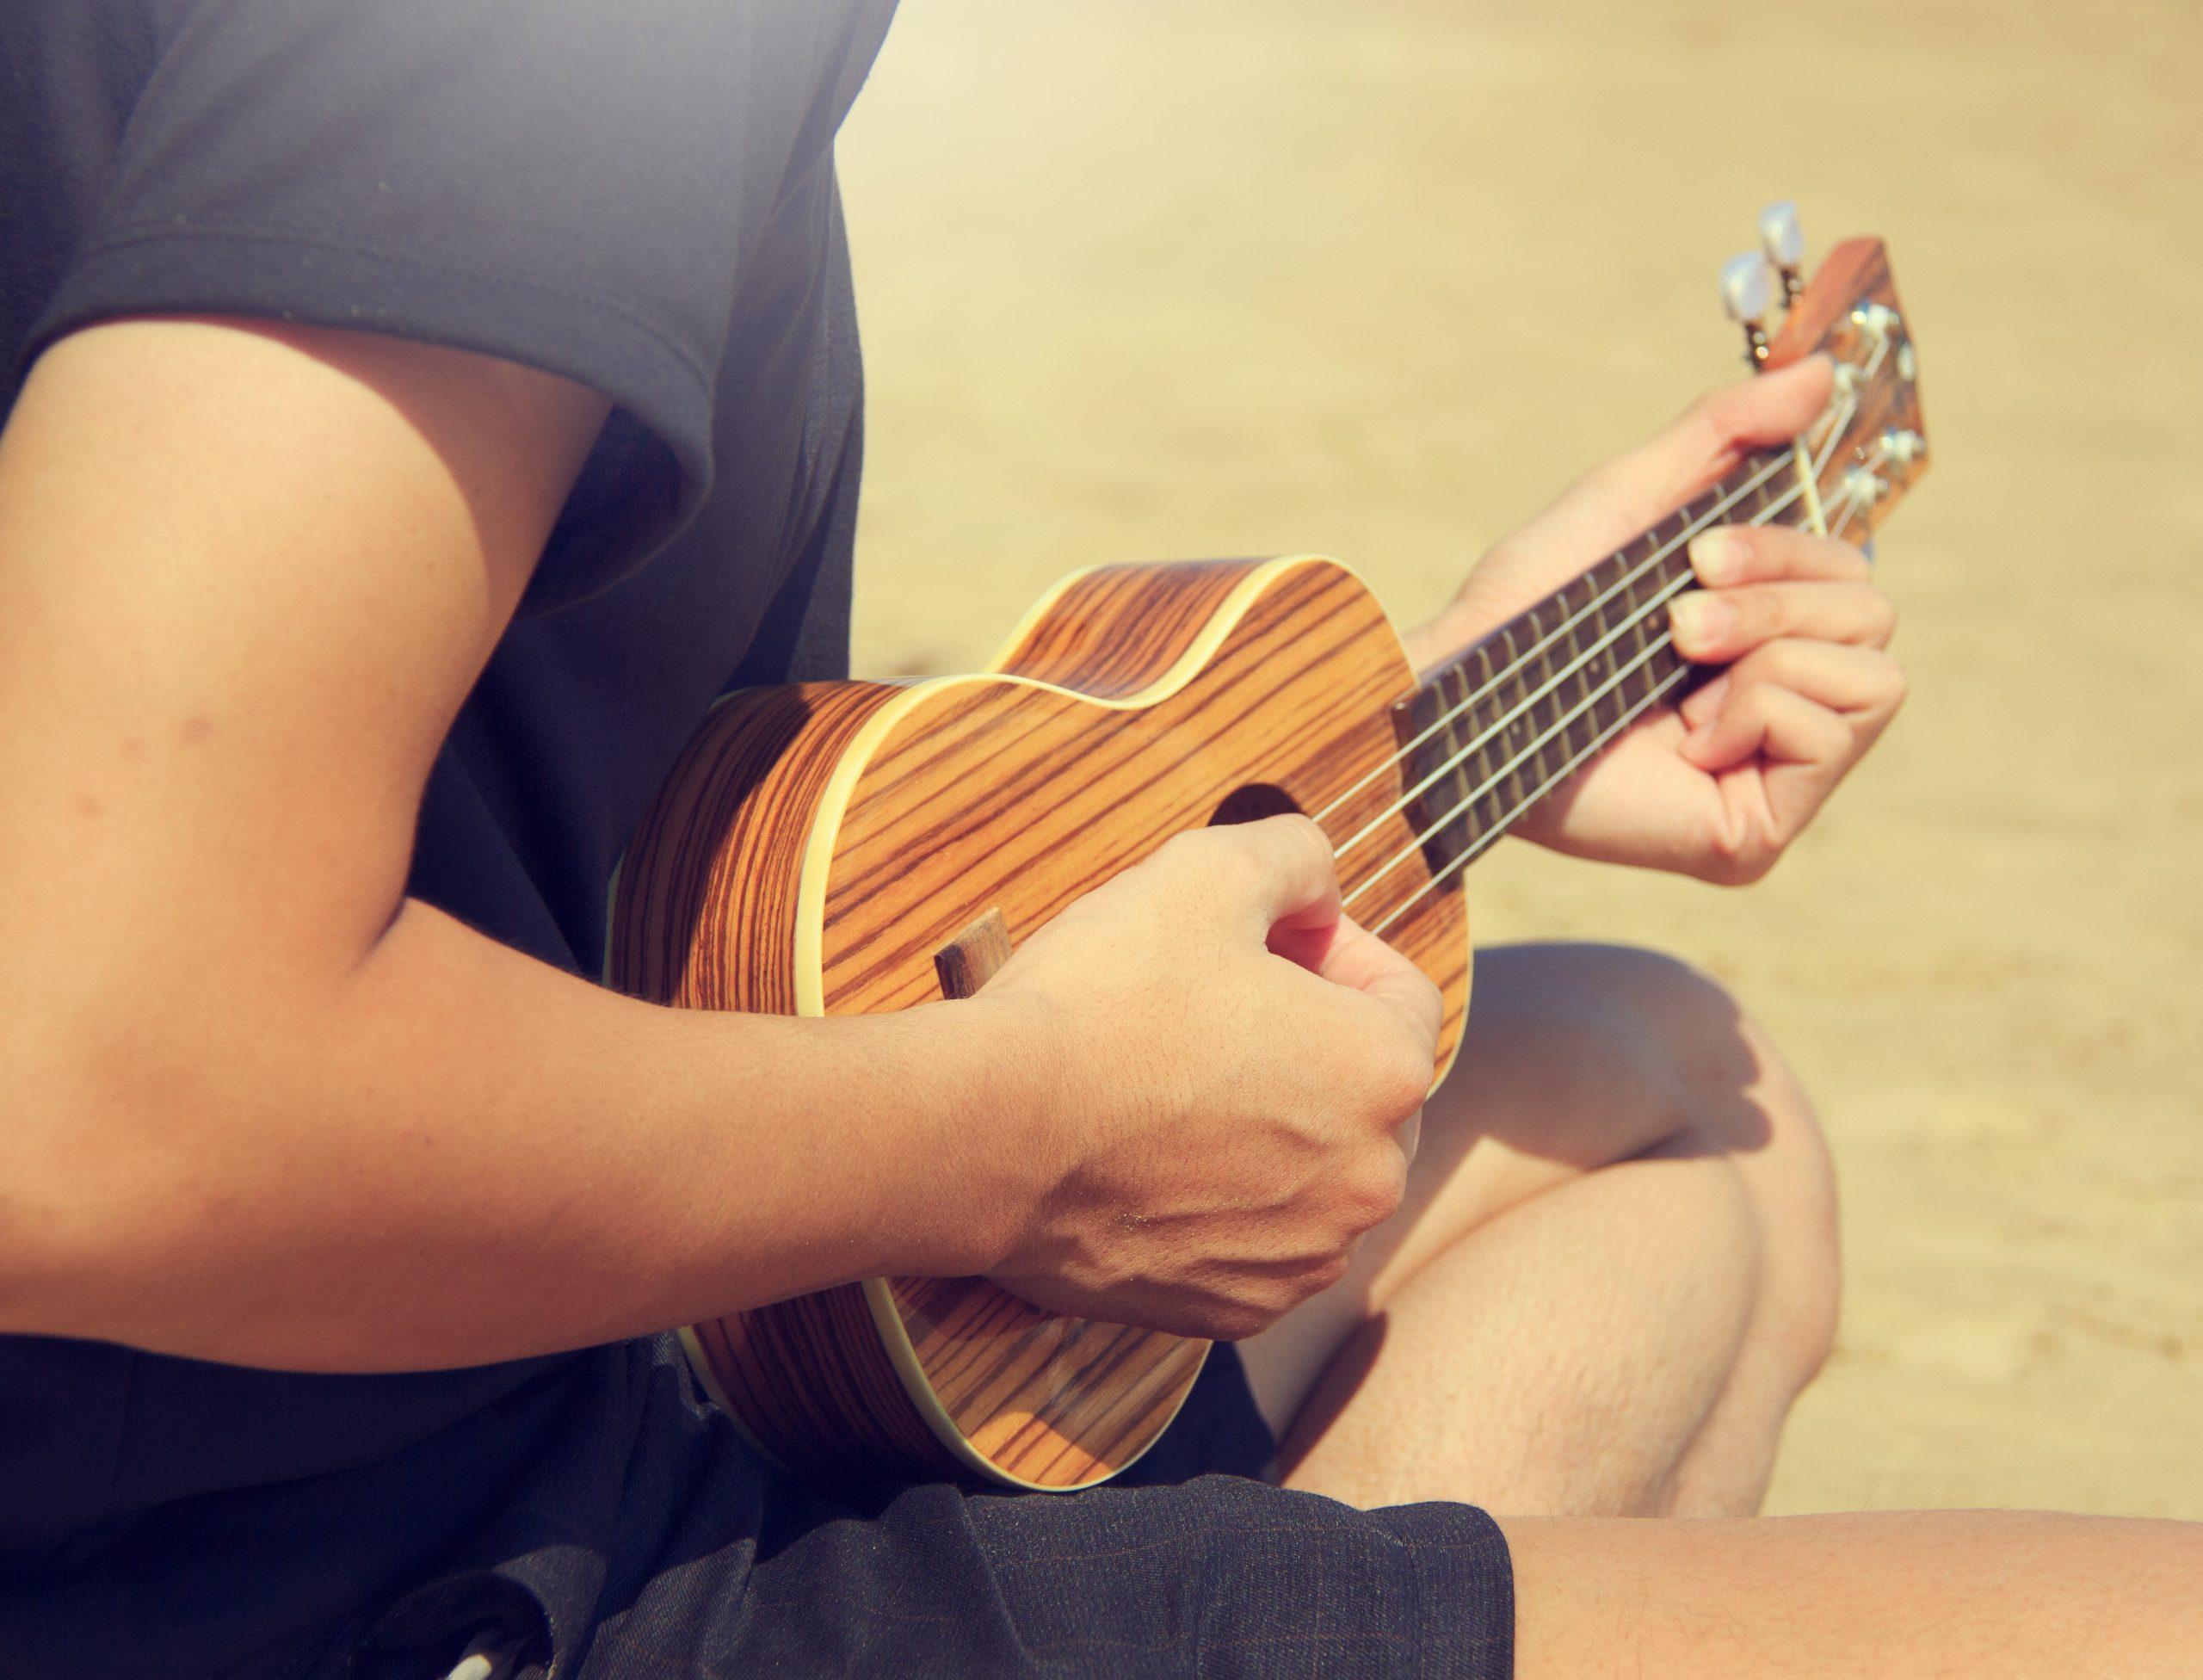 Strumming a ukulele